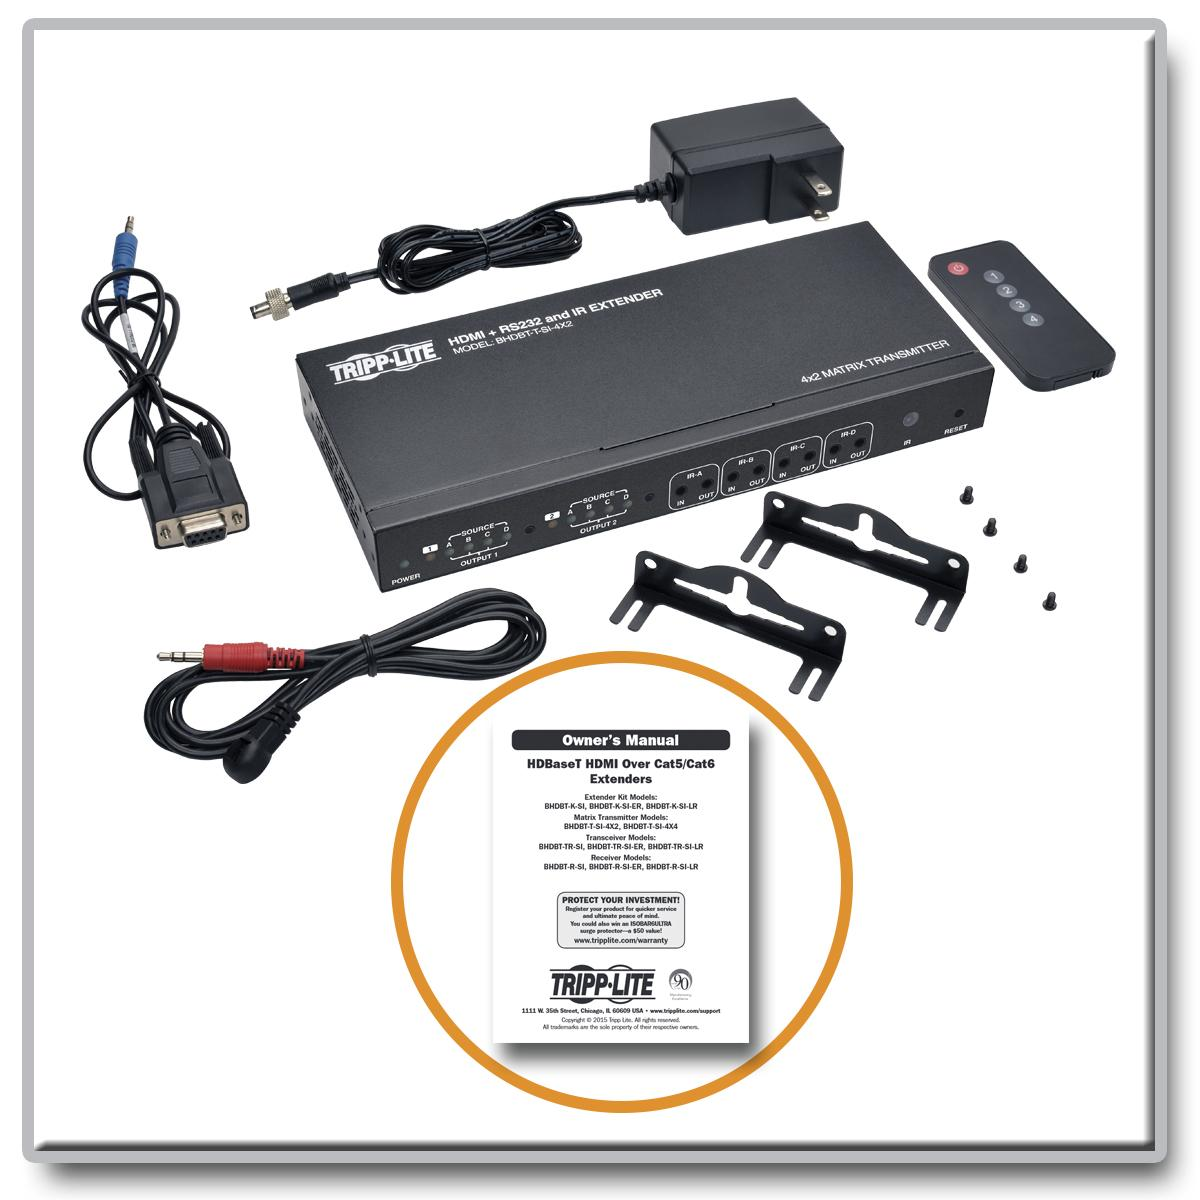 Tripp Lite Hdbaset Hdmi Over Cat5 6 6a Extender Matrix Details About 4x4 Cat5e Cat6 Auto Switch Splitter View Larger